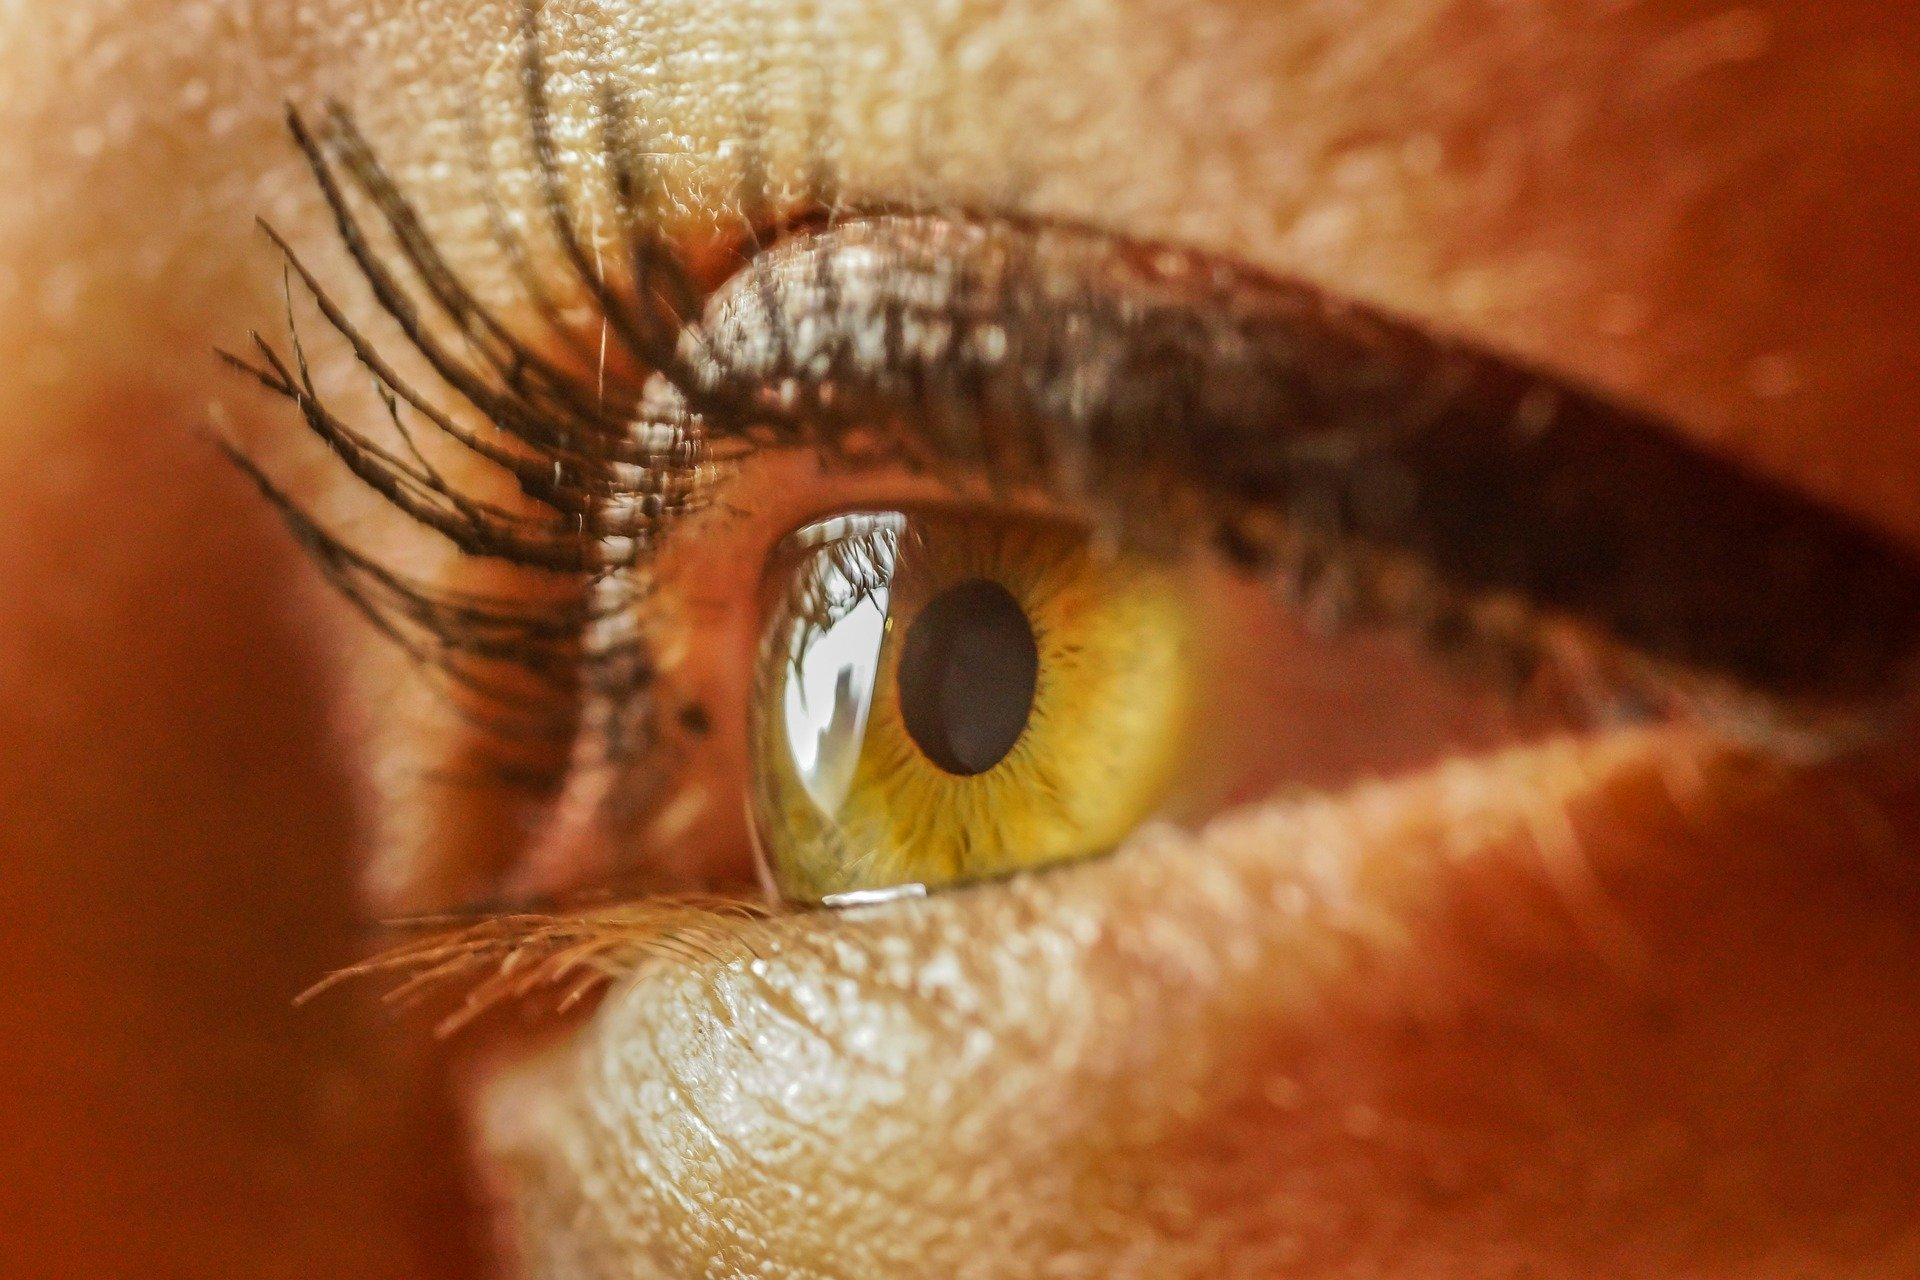 Hábitos nocivos para la salud ocular